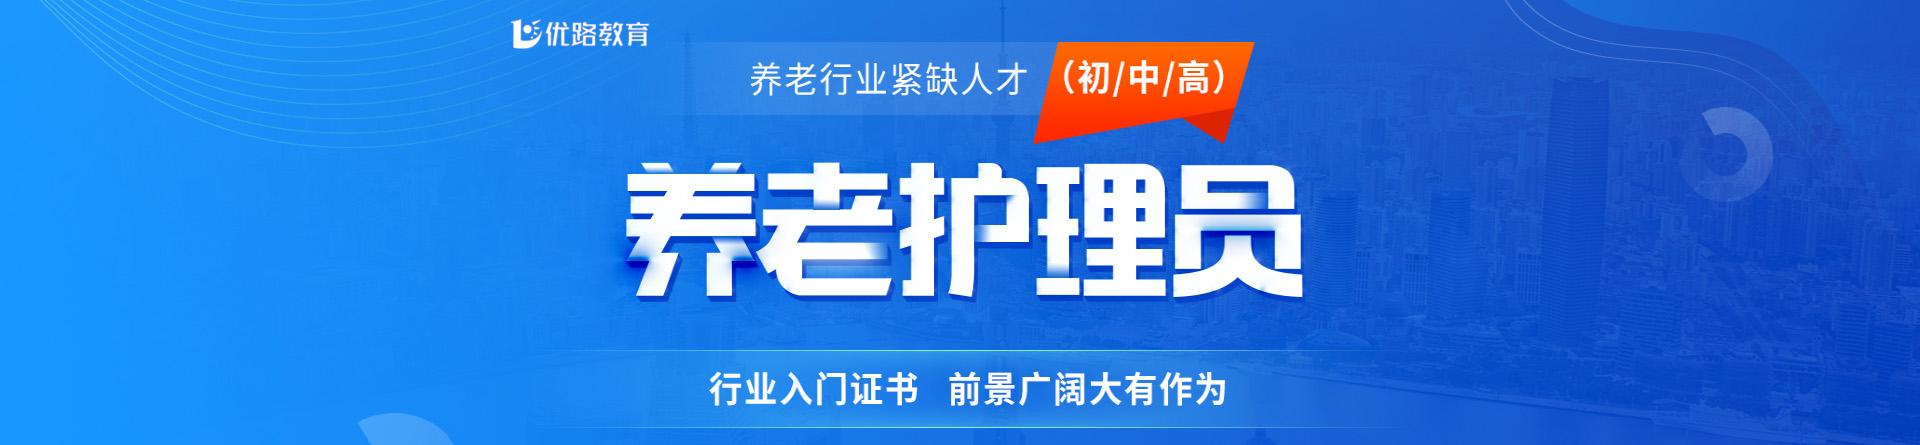 陕西汉中优路教育培训学校